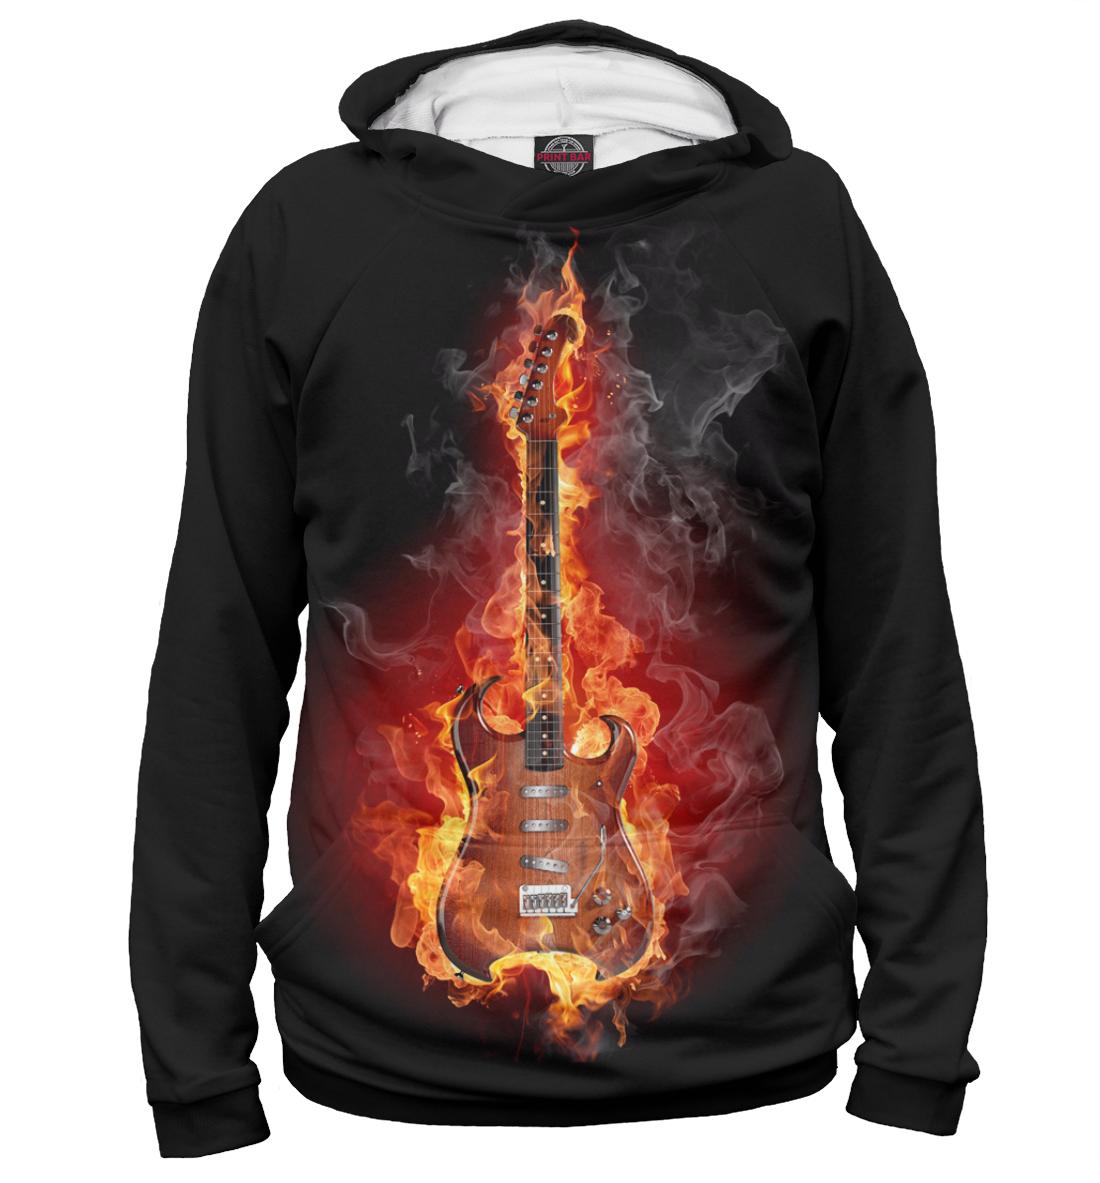 Купить Горящая гитара, Printbar, Худи, APD-981508-hud-1